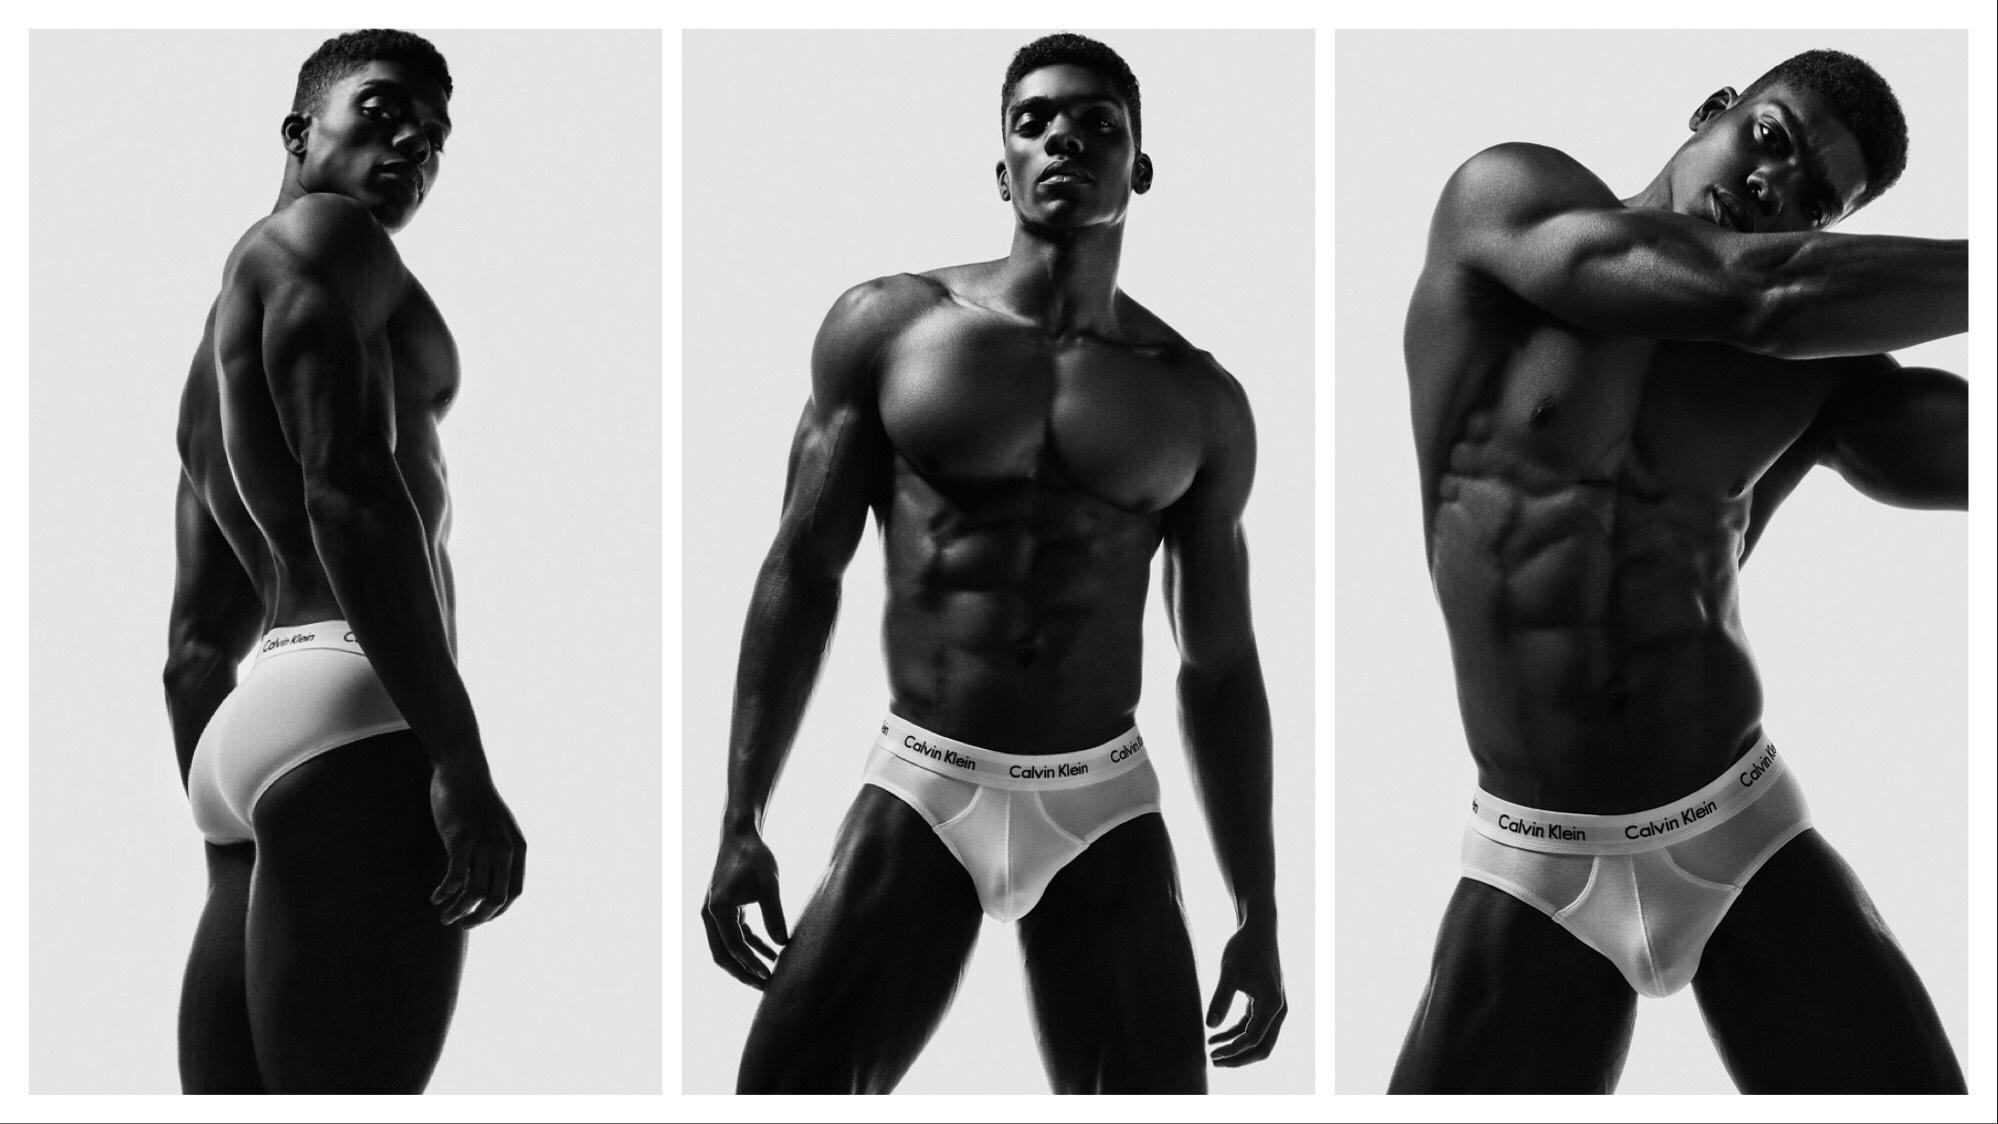 🇺🇸Nicholas Kodua by Blake Ballard in his Calvin Klein Underwear